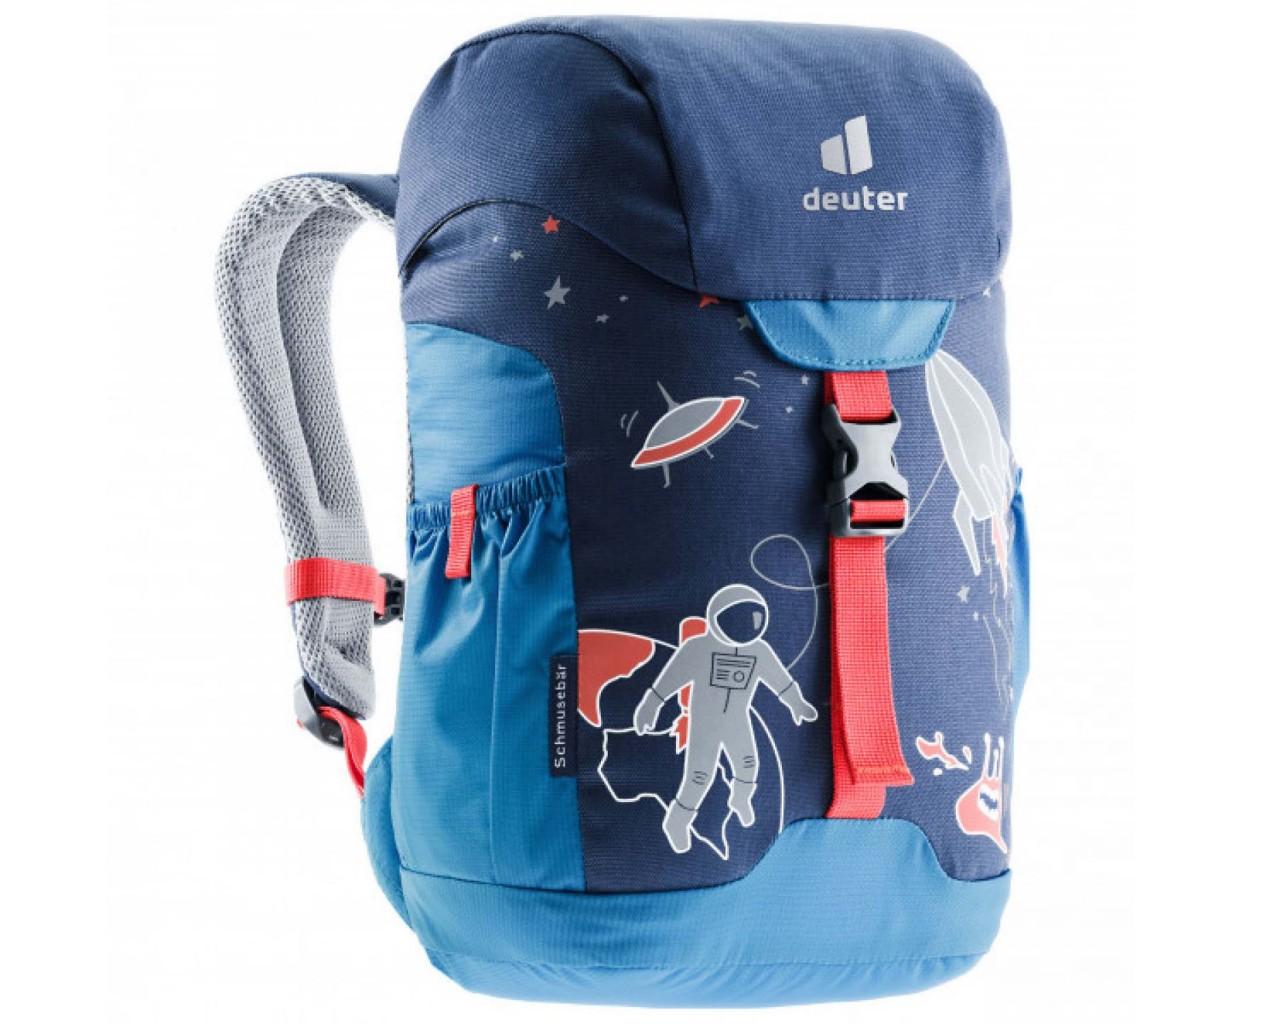 Deuter Schmusebär 8 litres Kids backpack PFC-free | midnight-coolblue